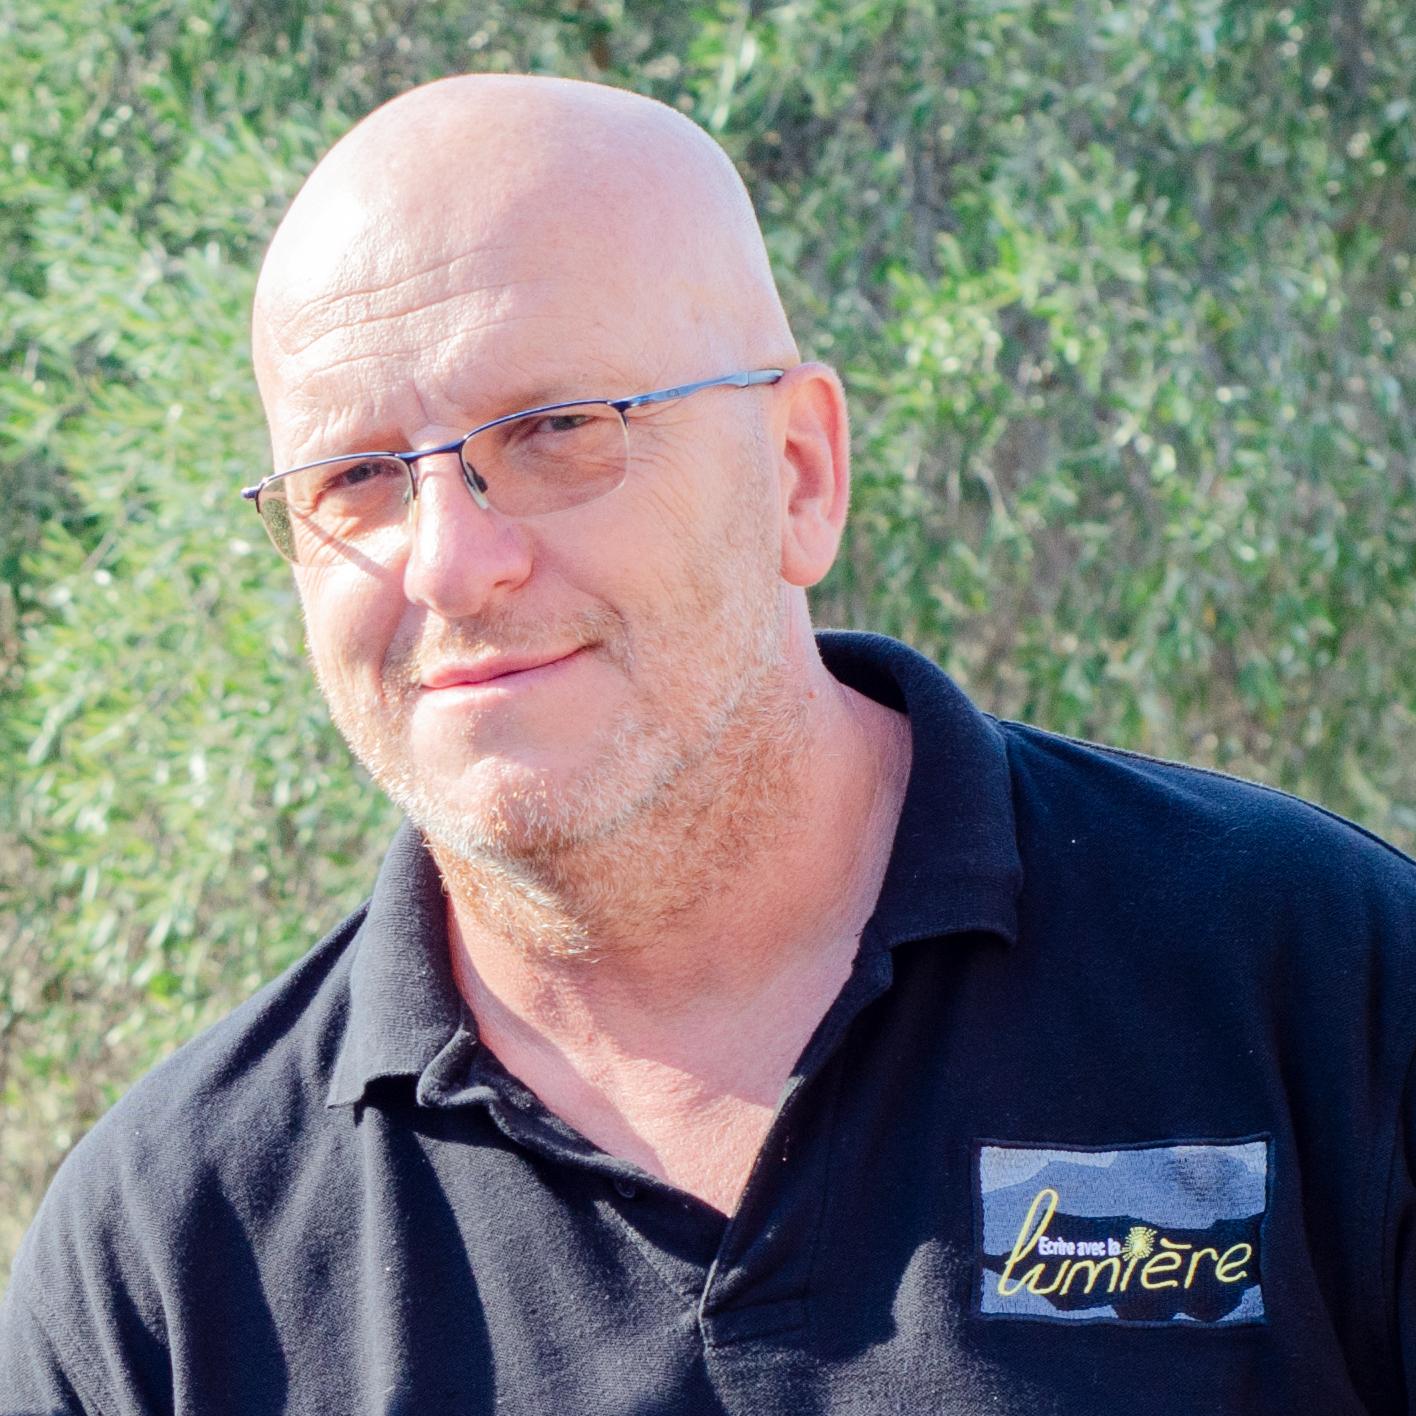 Laurent VIRAT